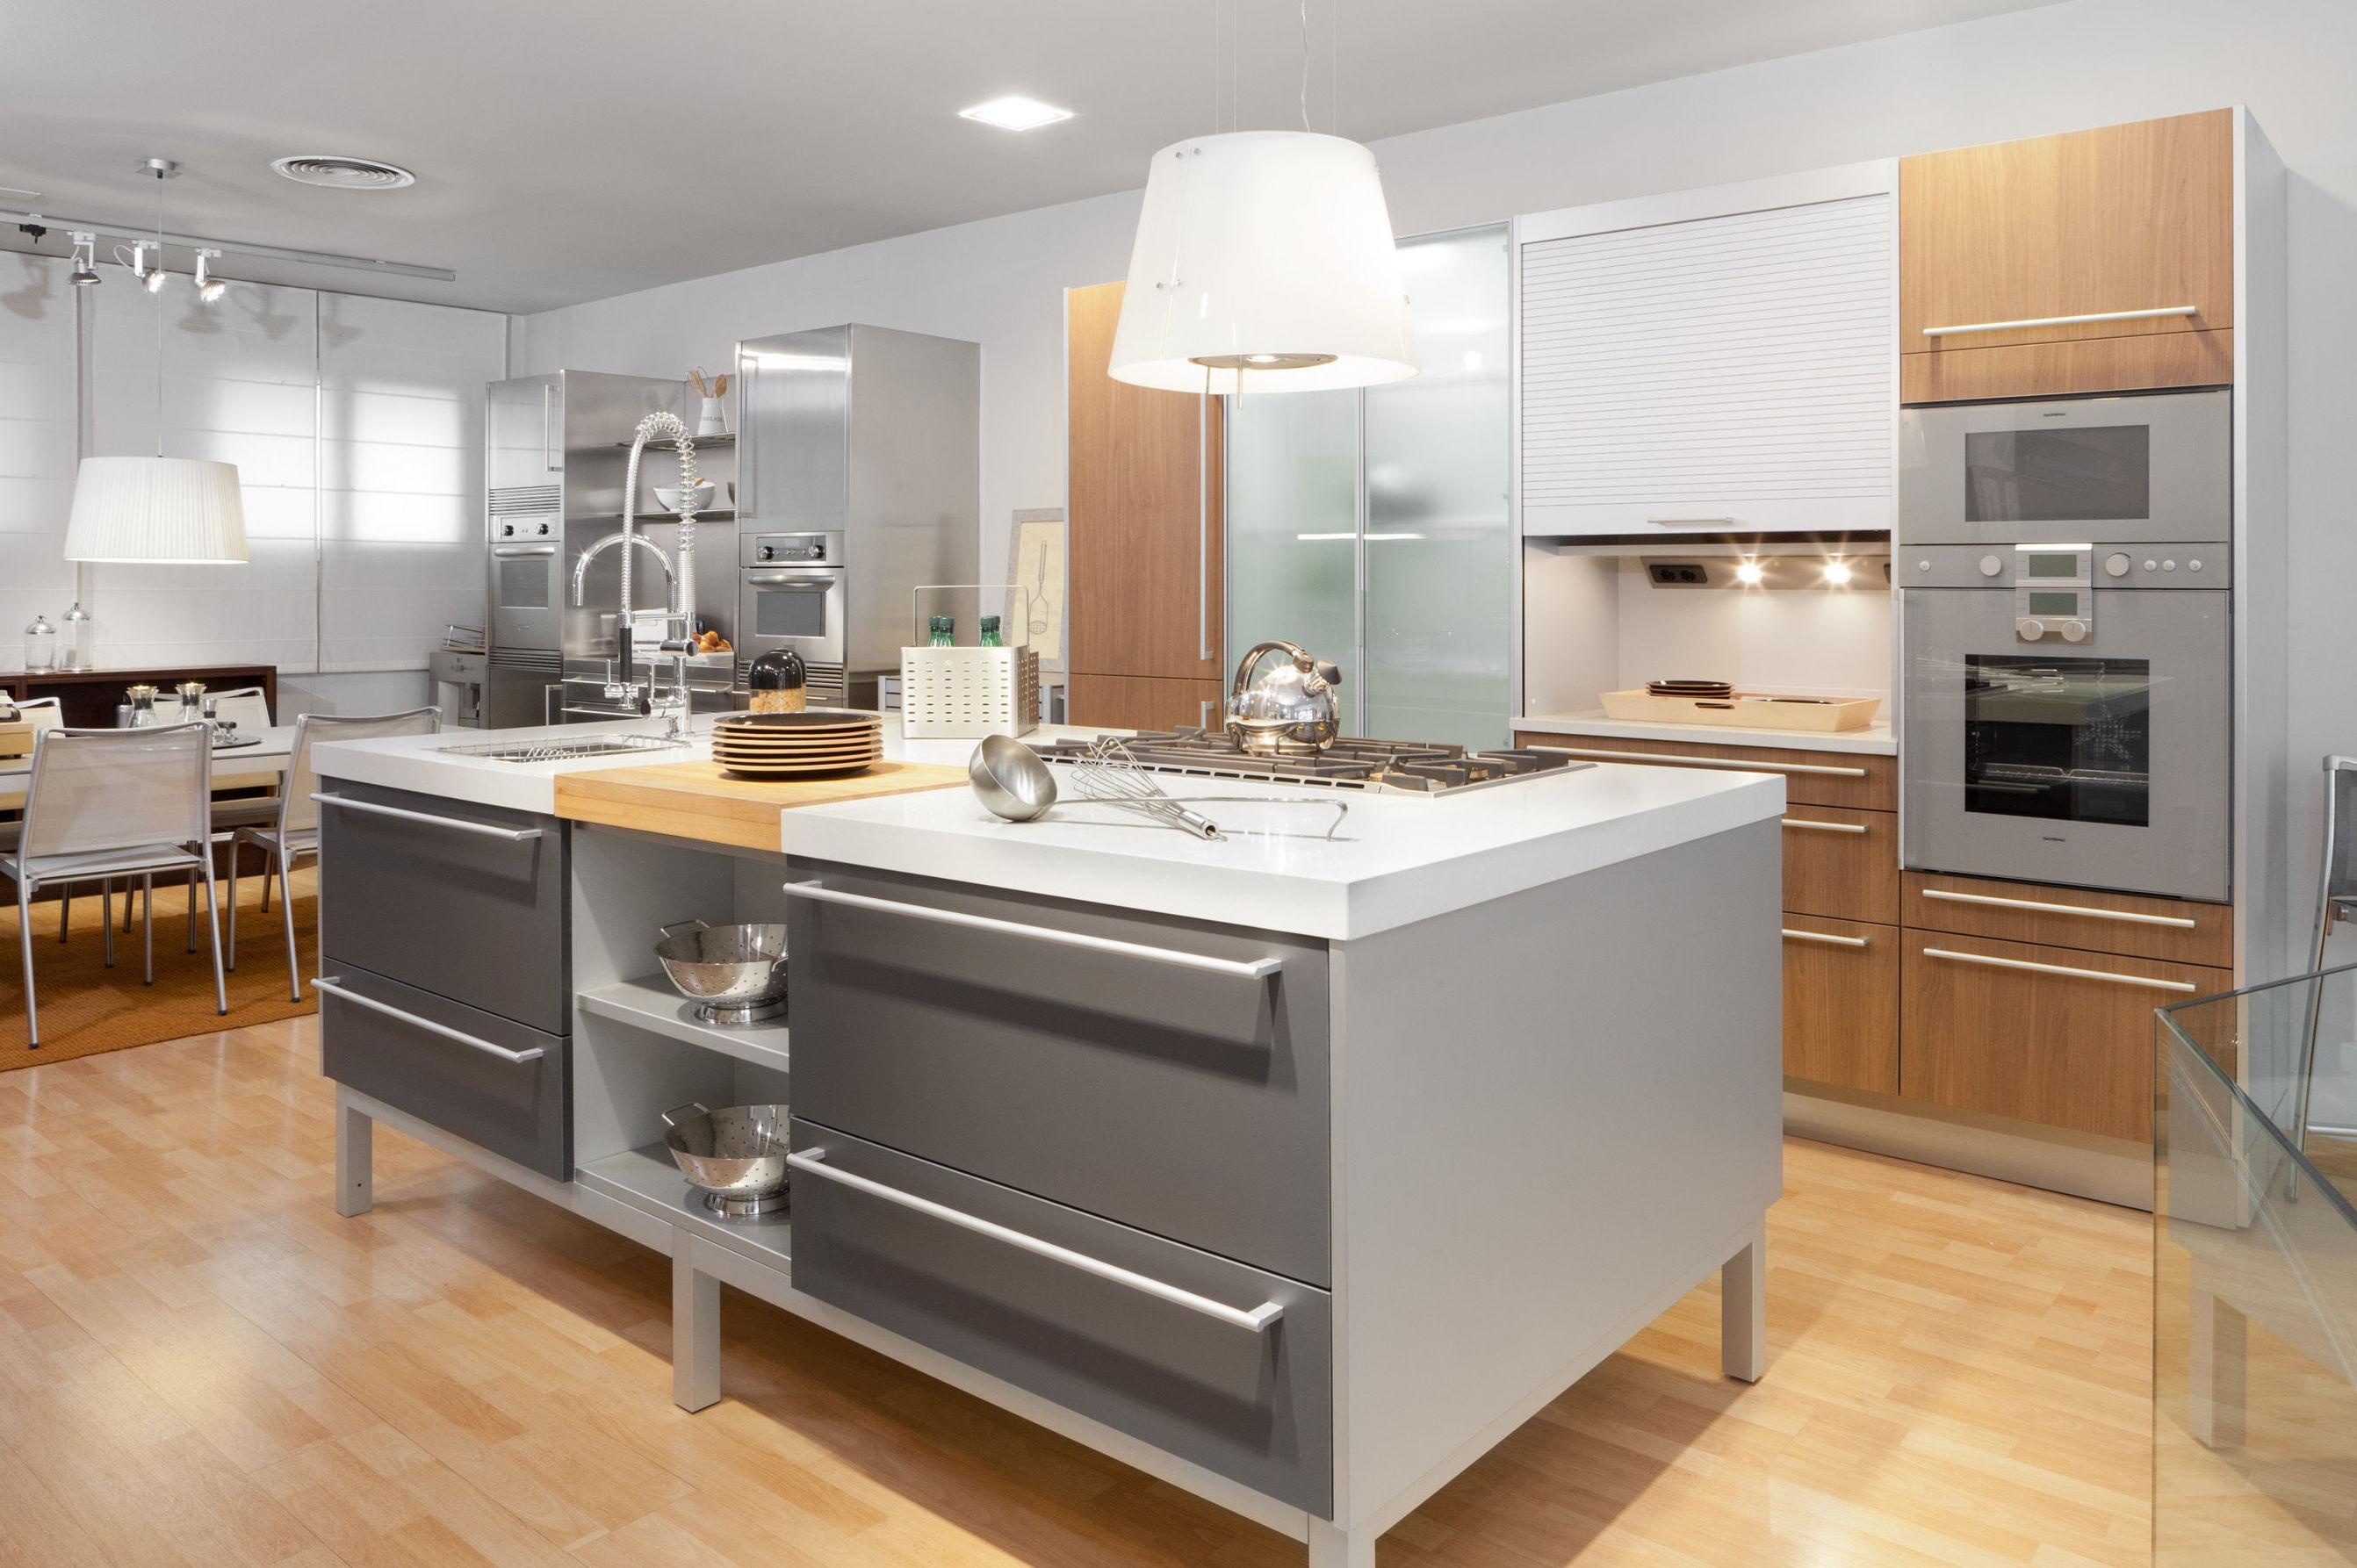 Decoración en cocinas